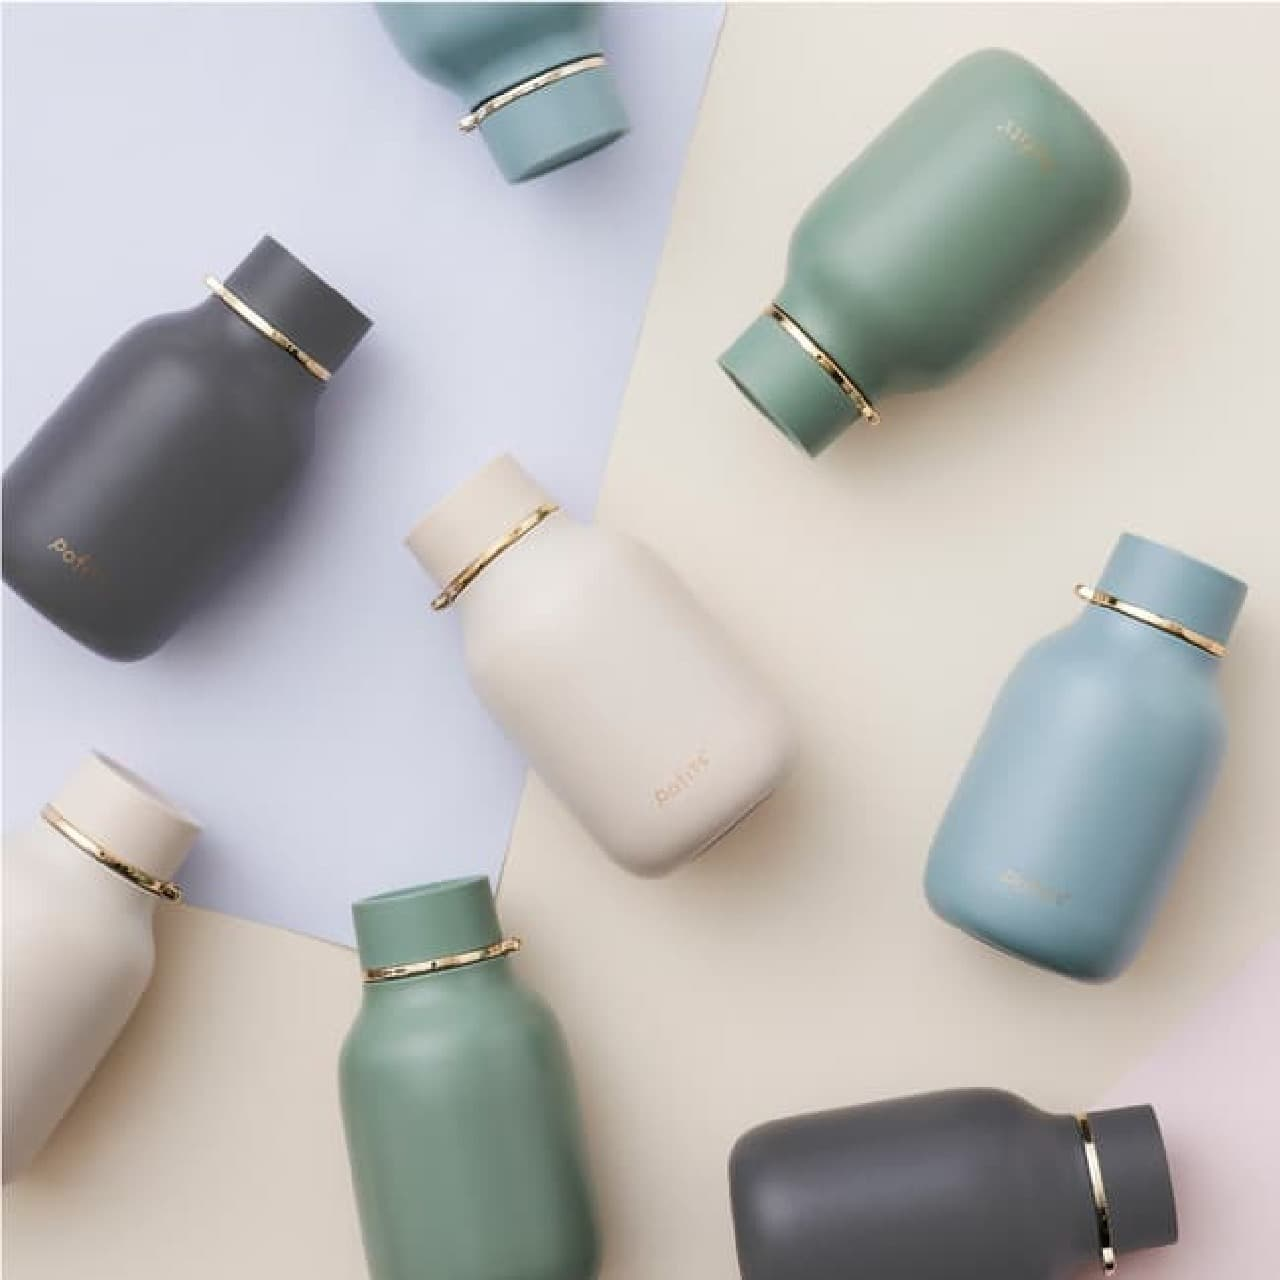 「pofits+(ポフィッツ)マグボトル」ドウシシャから -- バッグに入れやすい&コロンと可愛い320ml